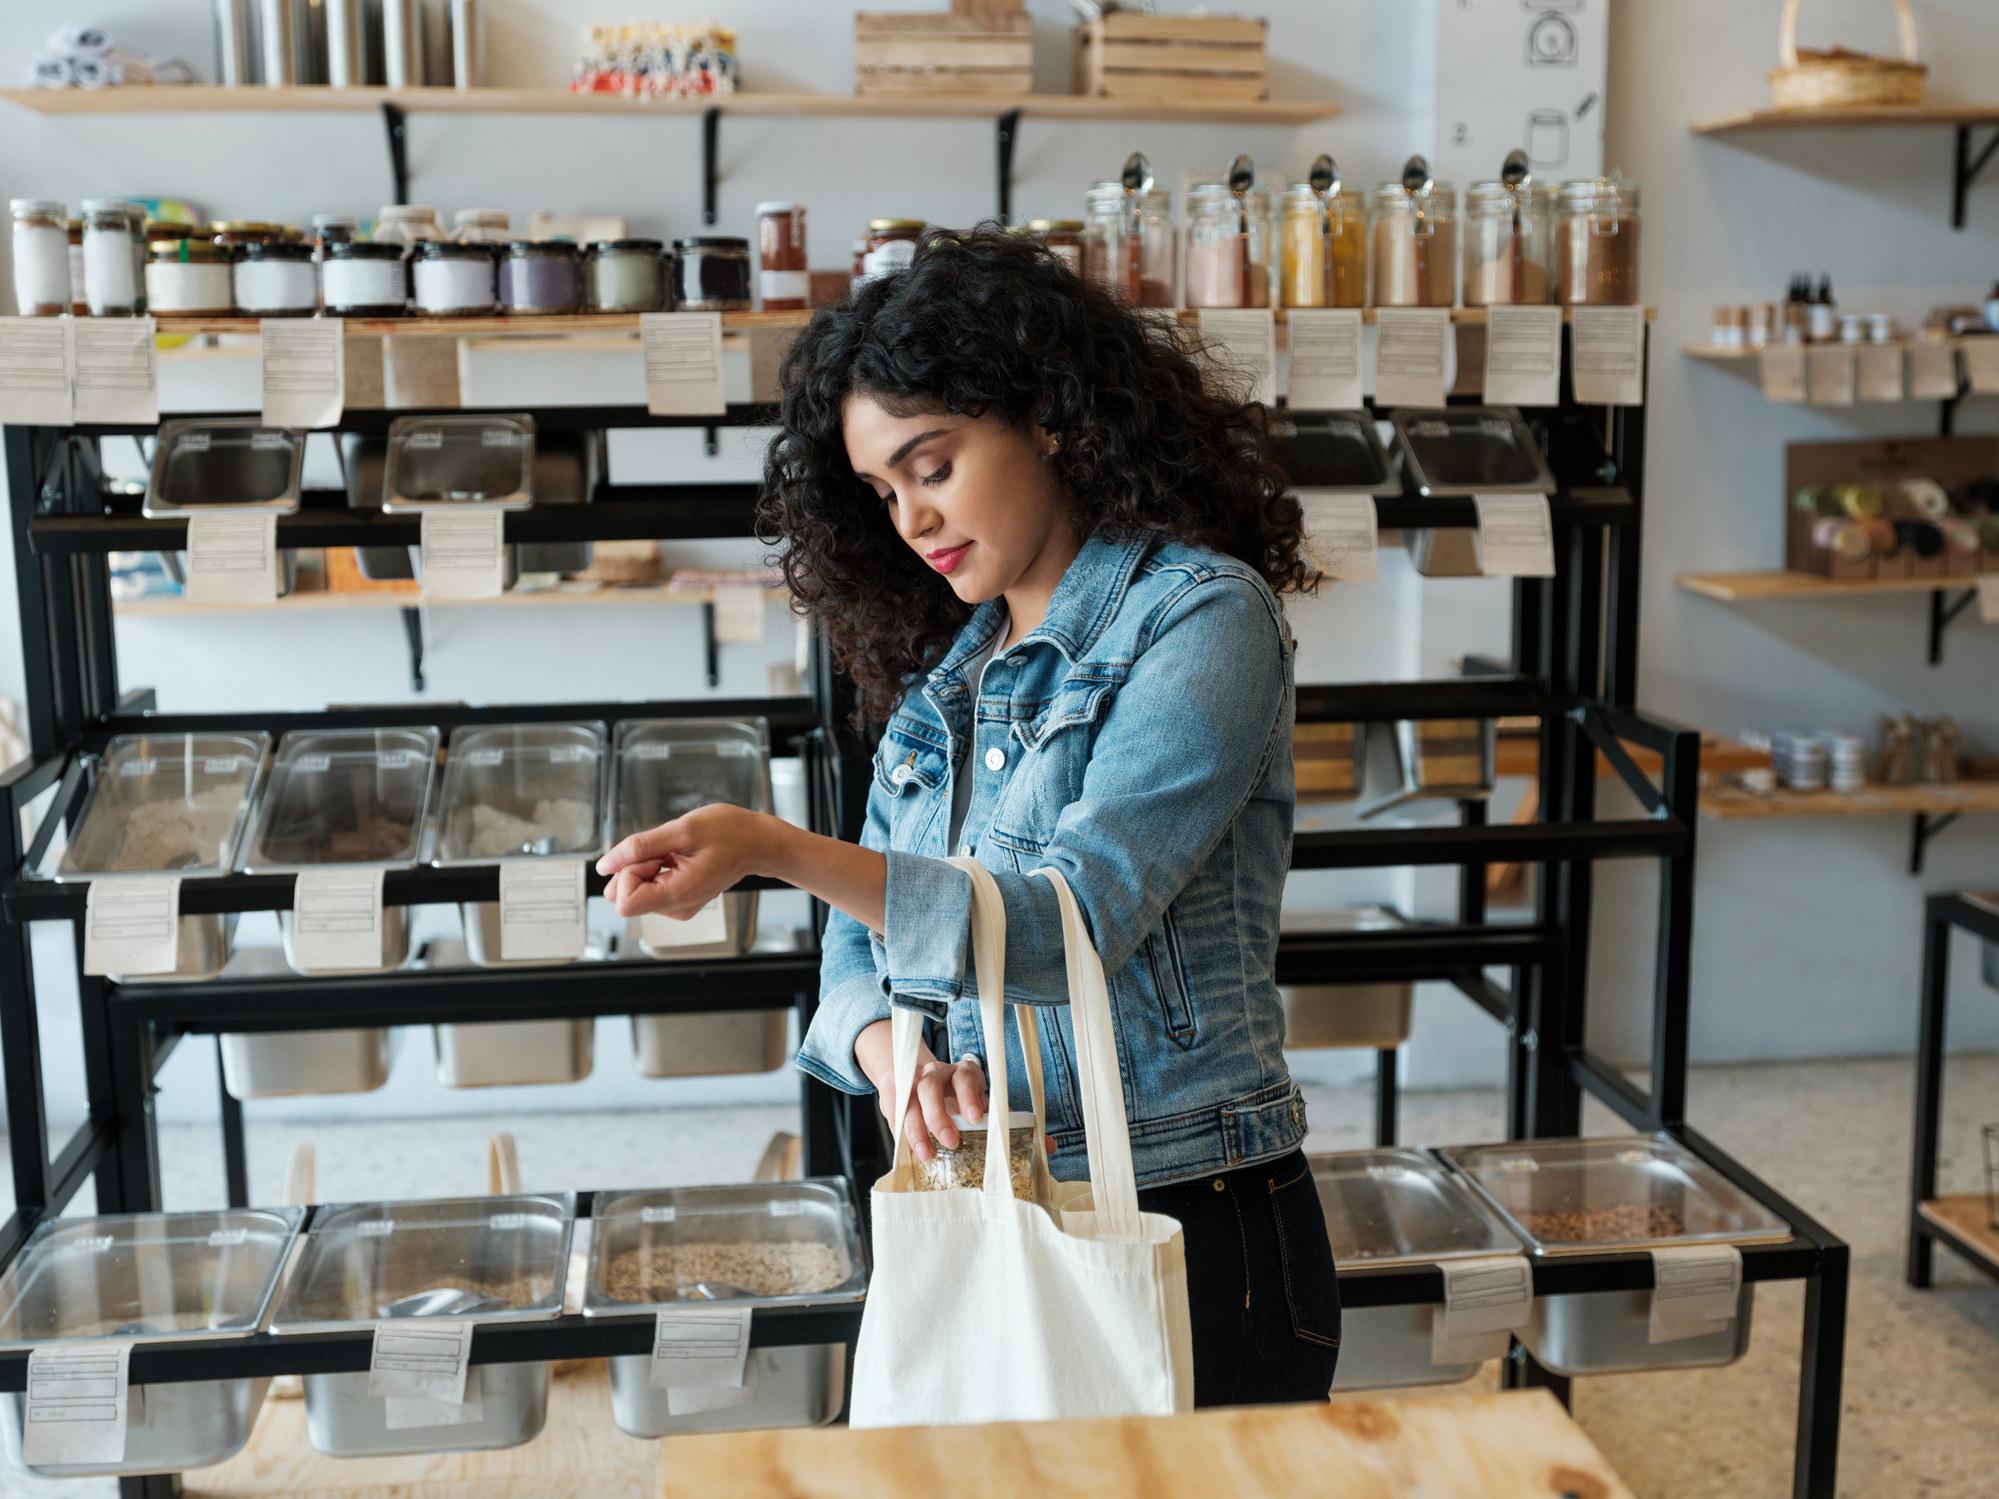 Person shopping with a reusable bag